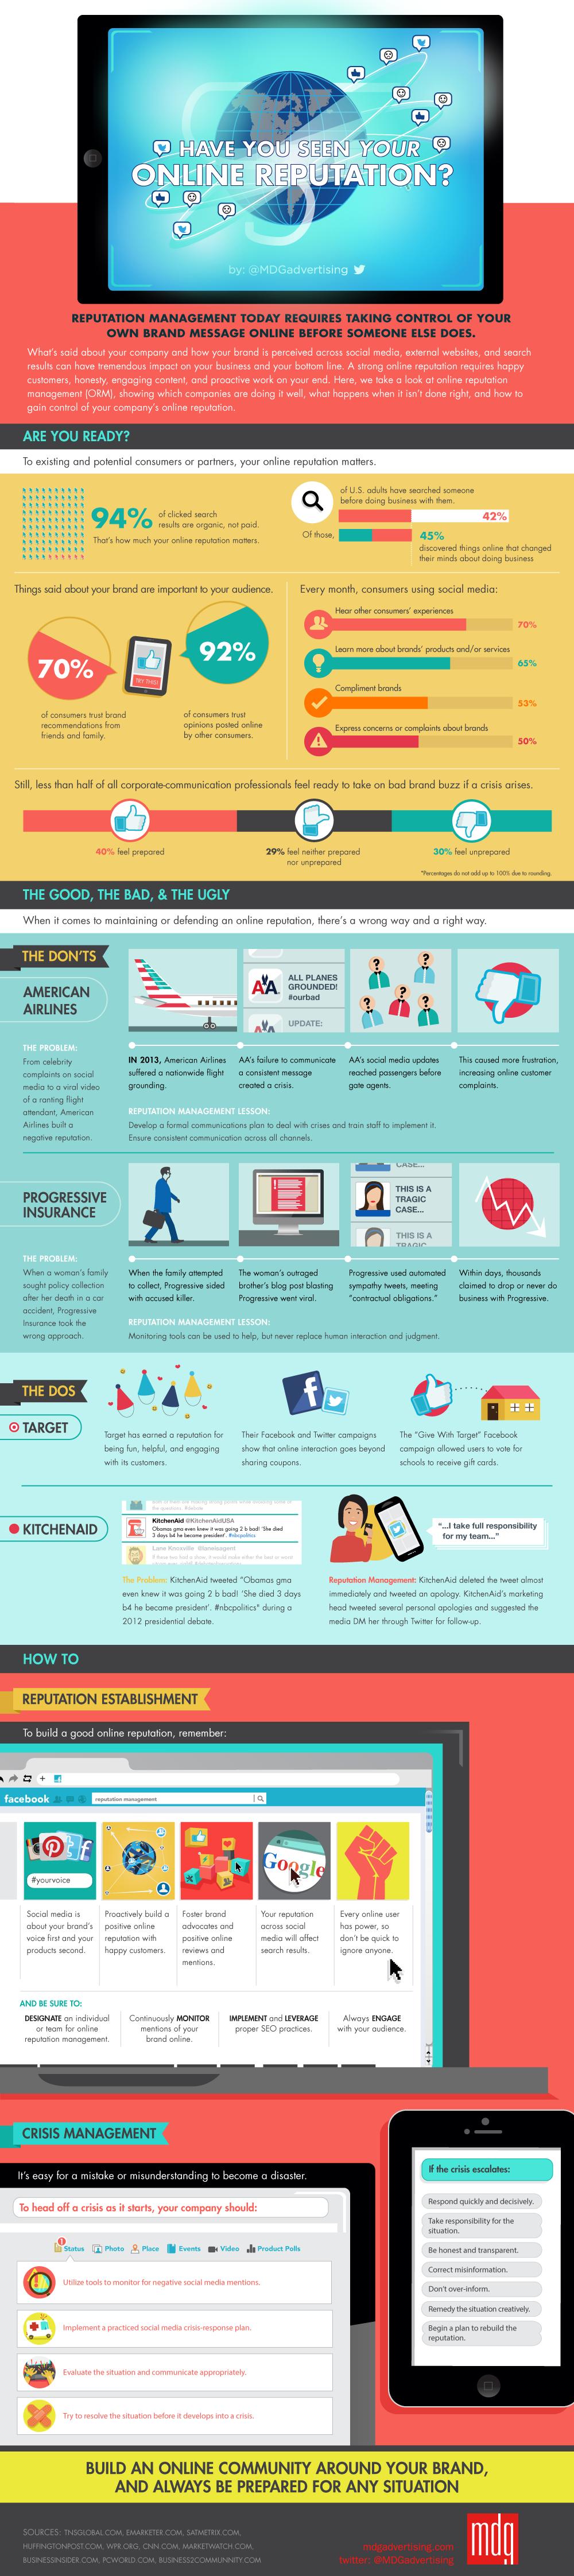 Social Media e Online Reputazione